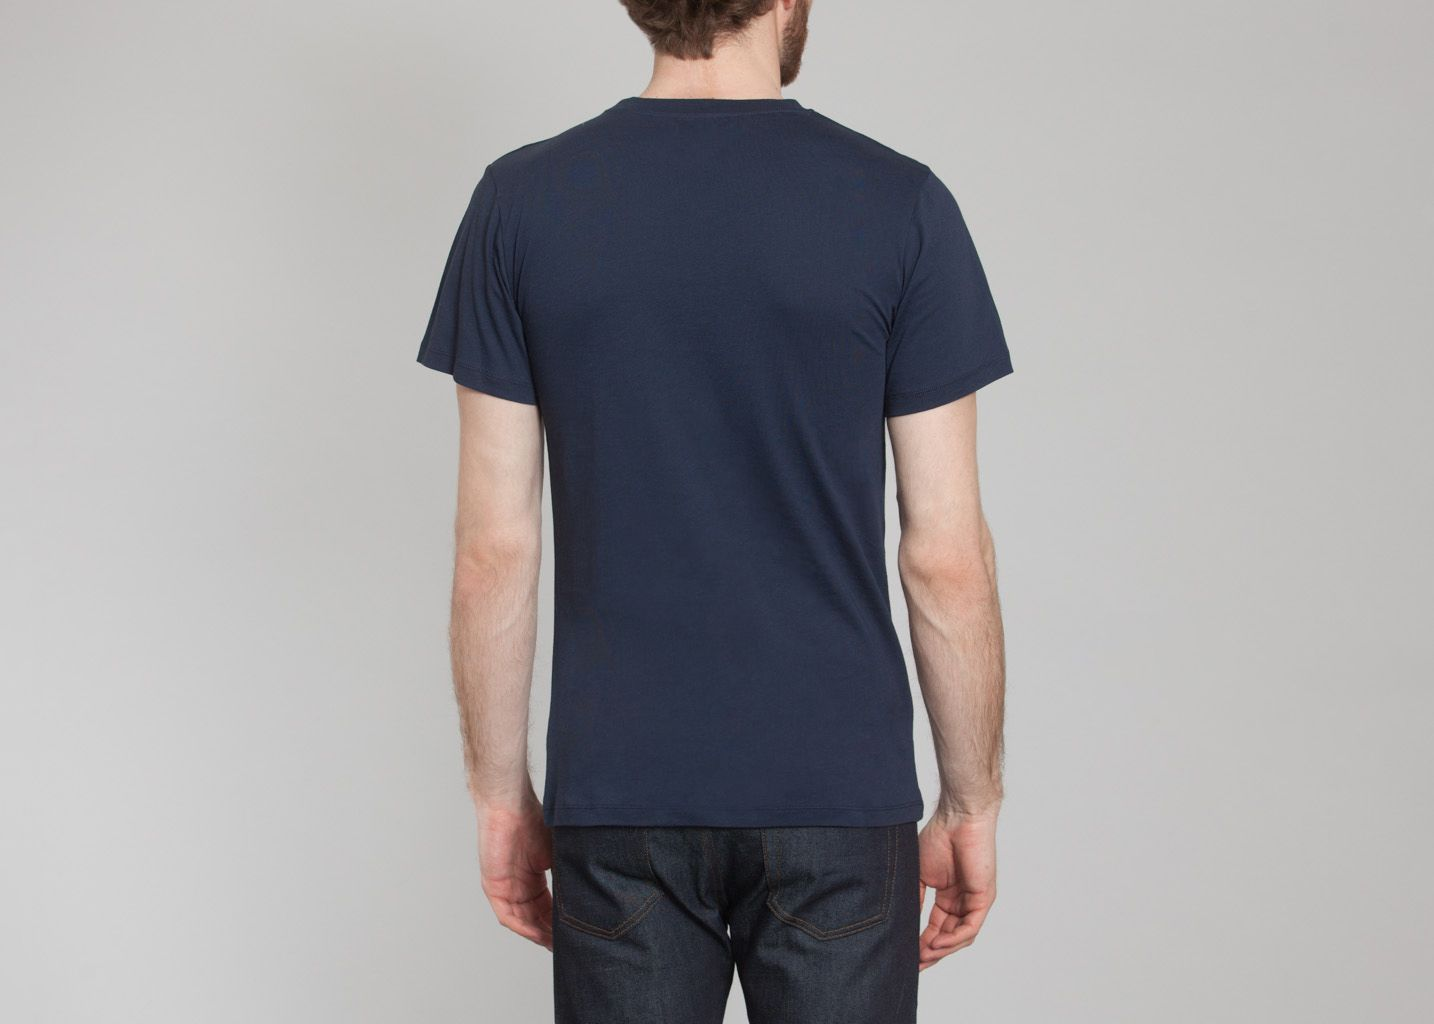 Tshirt Page Europa - Etudes